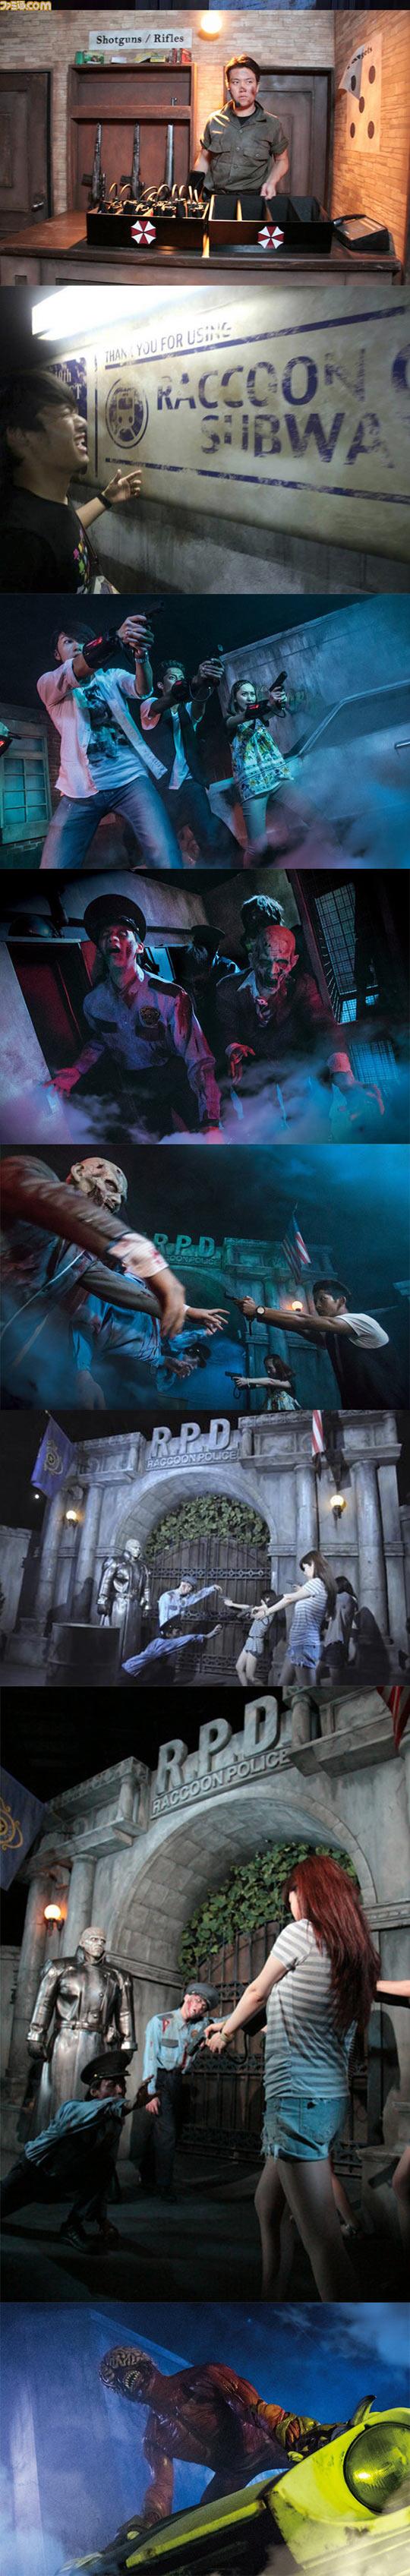 funny-Raccoon-city-Biohazard-themed-park-zombie